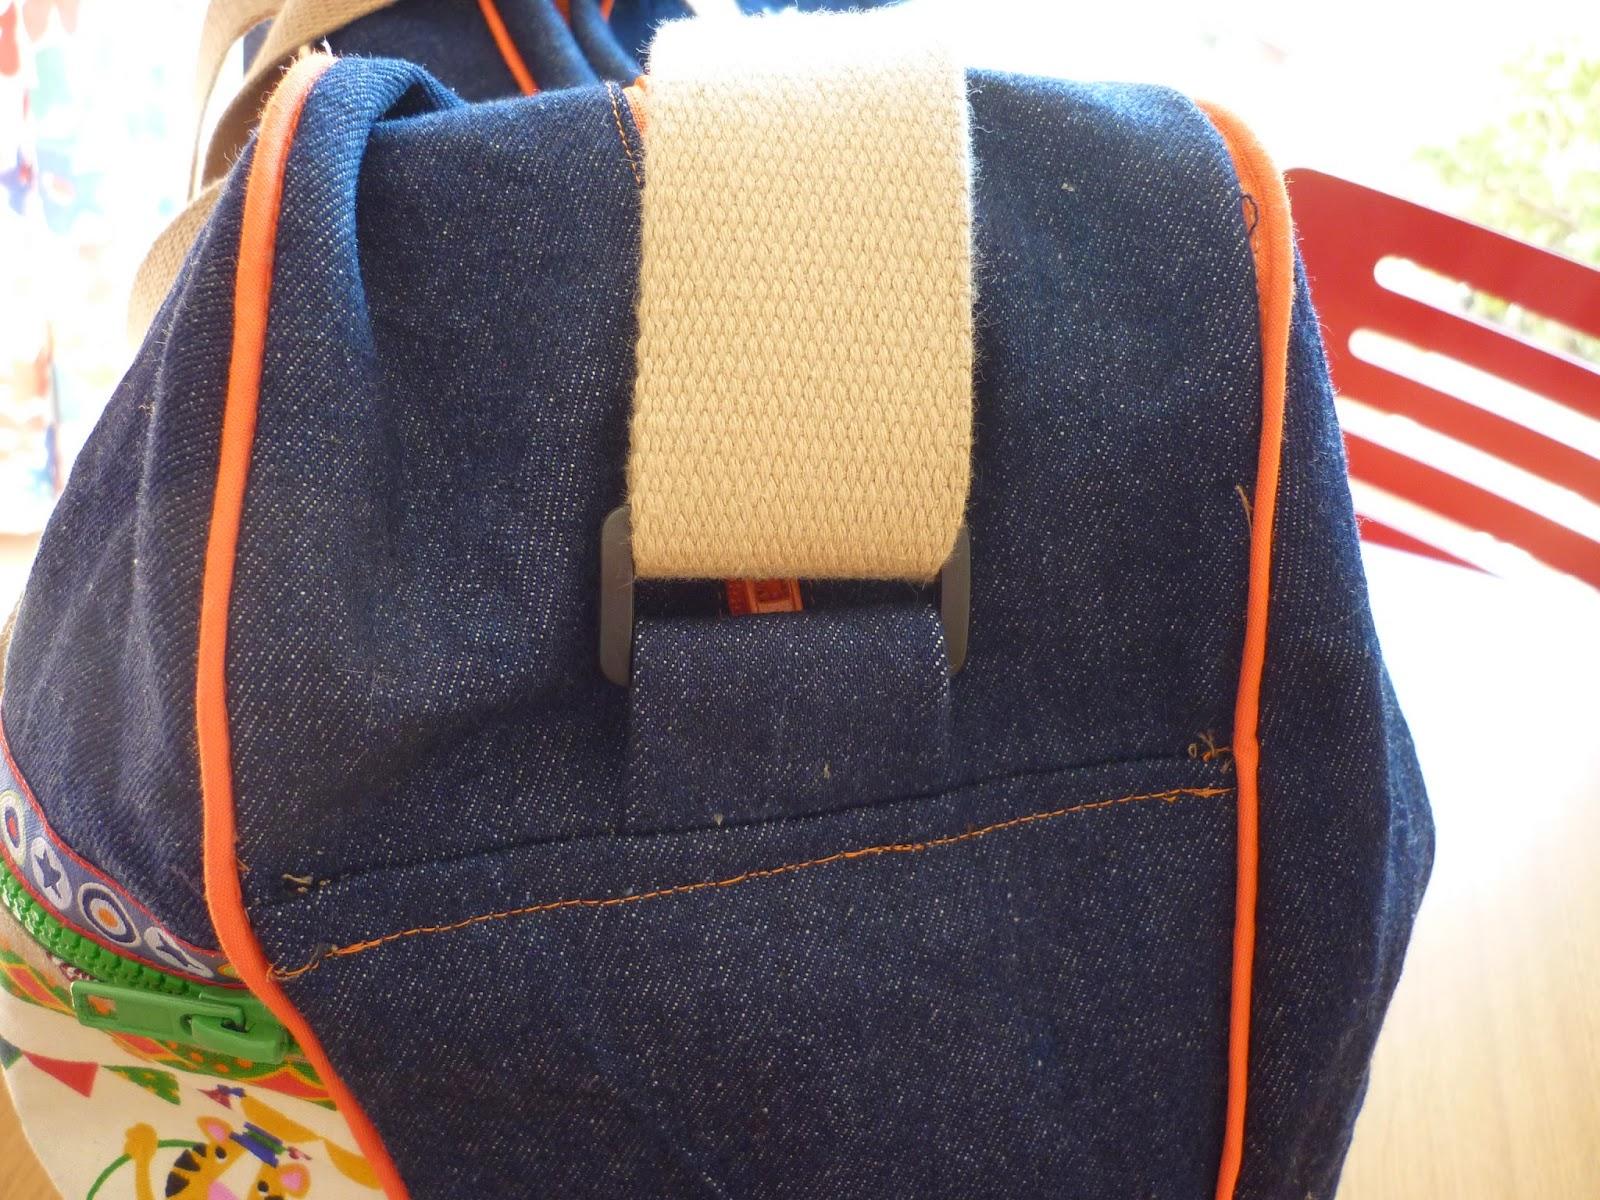 willy fog cosiendo y aprendiendo bolso pañalera modistilla de pacotilla tejano bebé